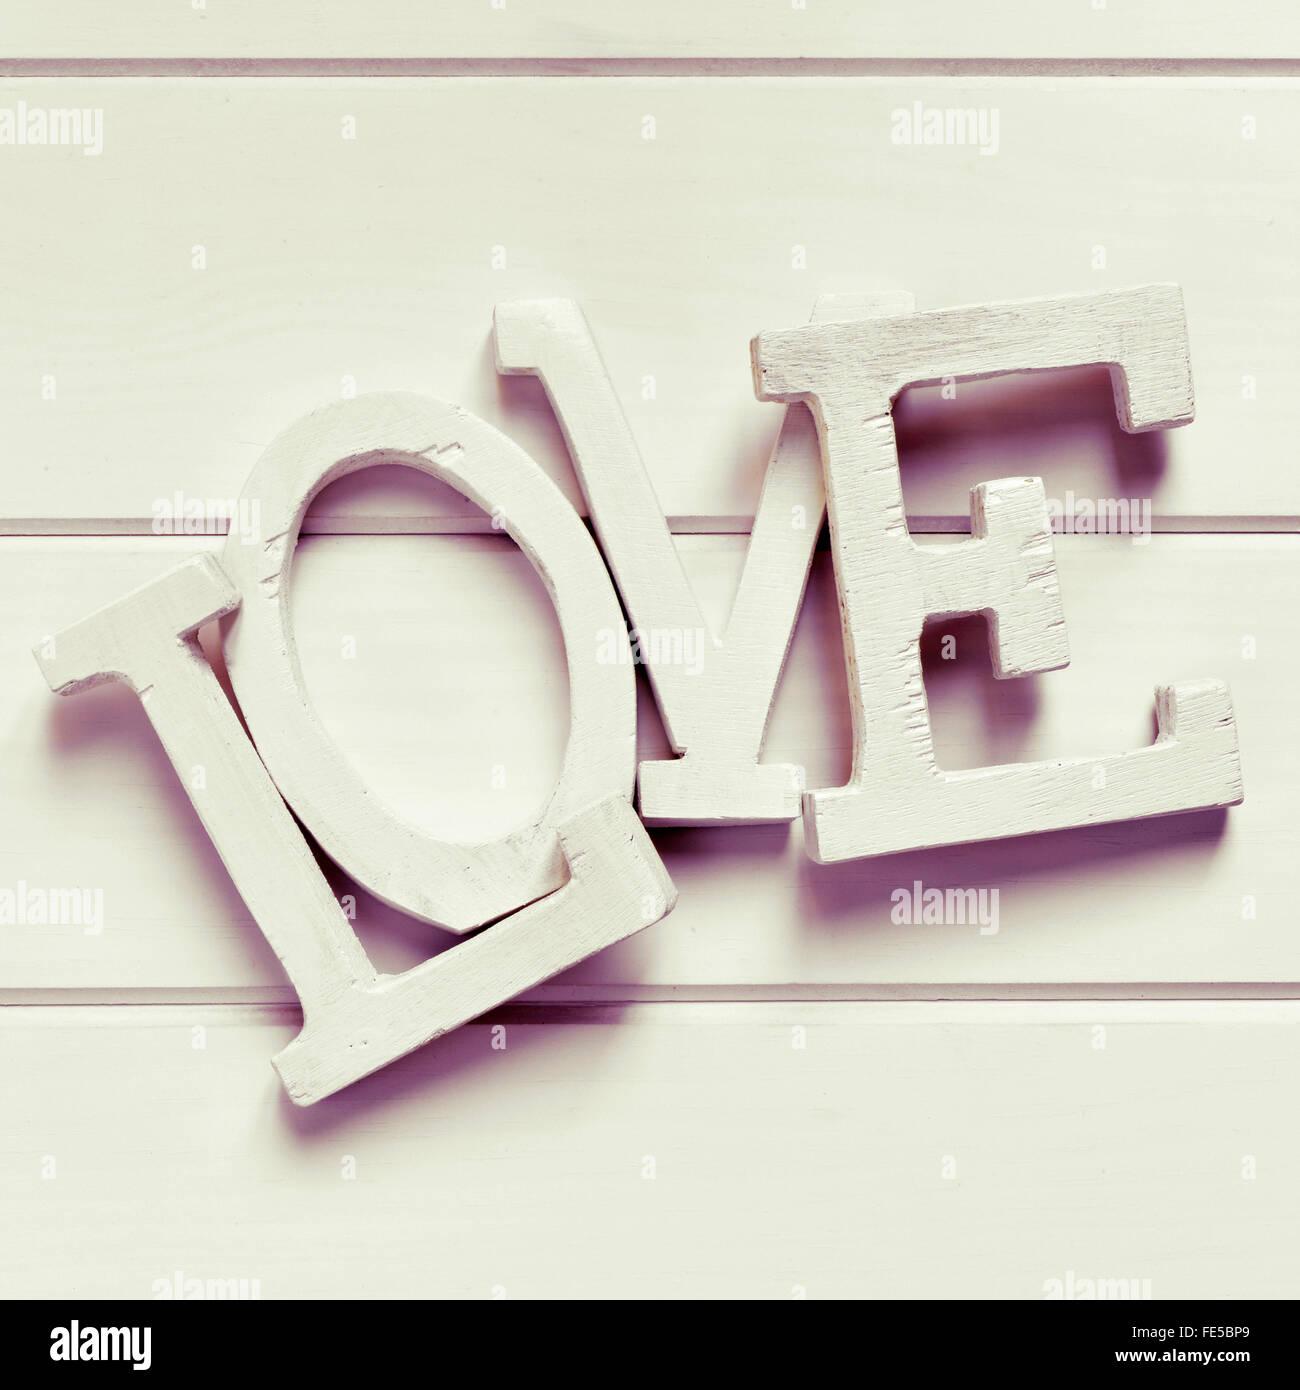 White tridimensionale di lettere che compongono la parola amore, su uno sfondo bianco, con un effetto di filtro Immagini Stock